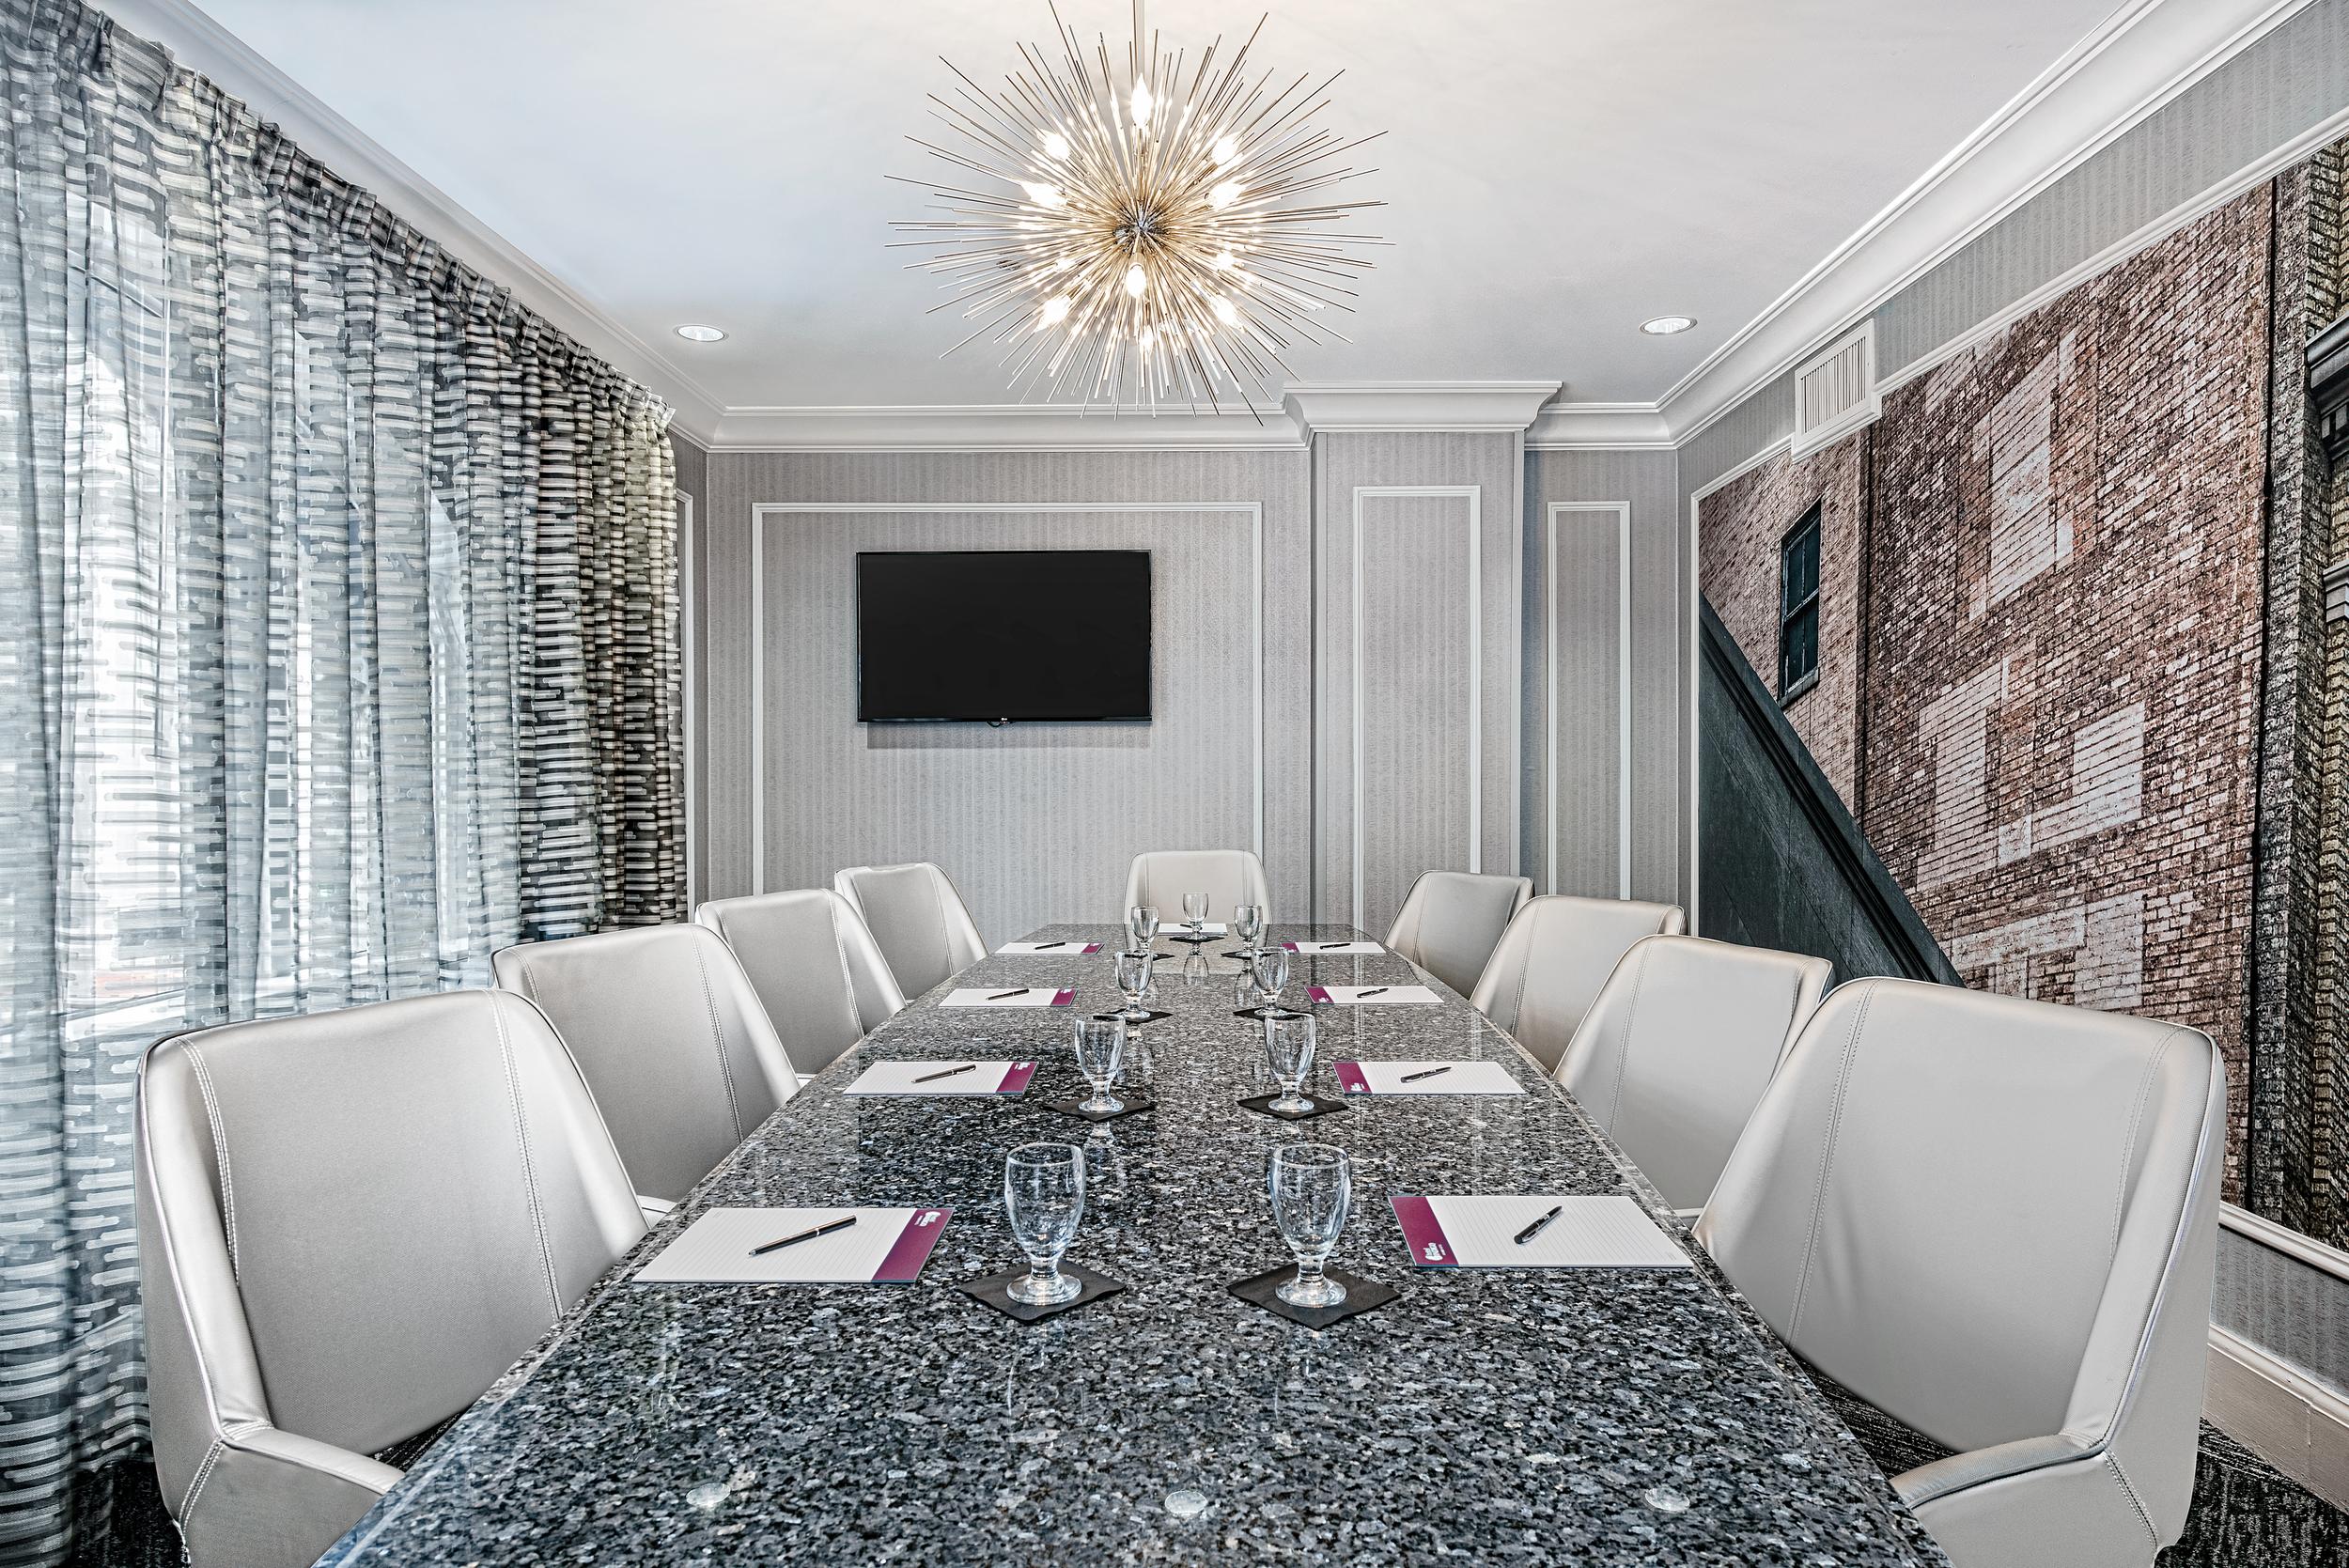 dalar-hotel-indigo-dallas-downtown-boardroom-conrad2.png